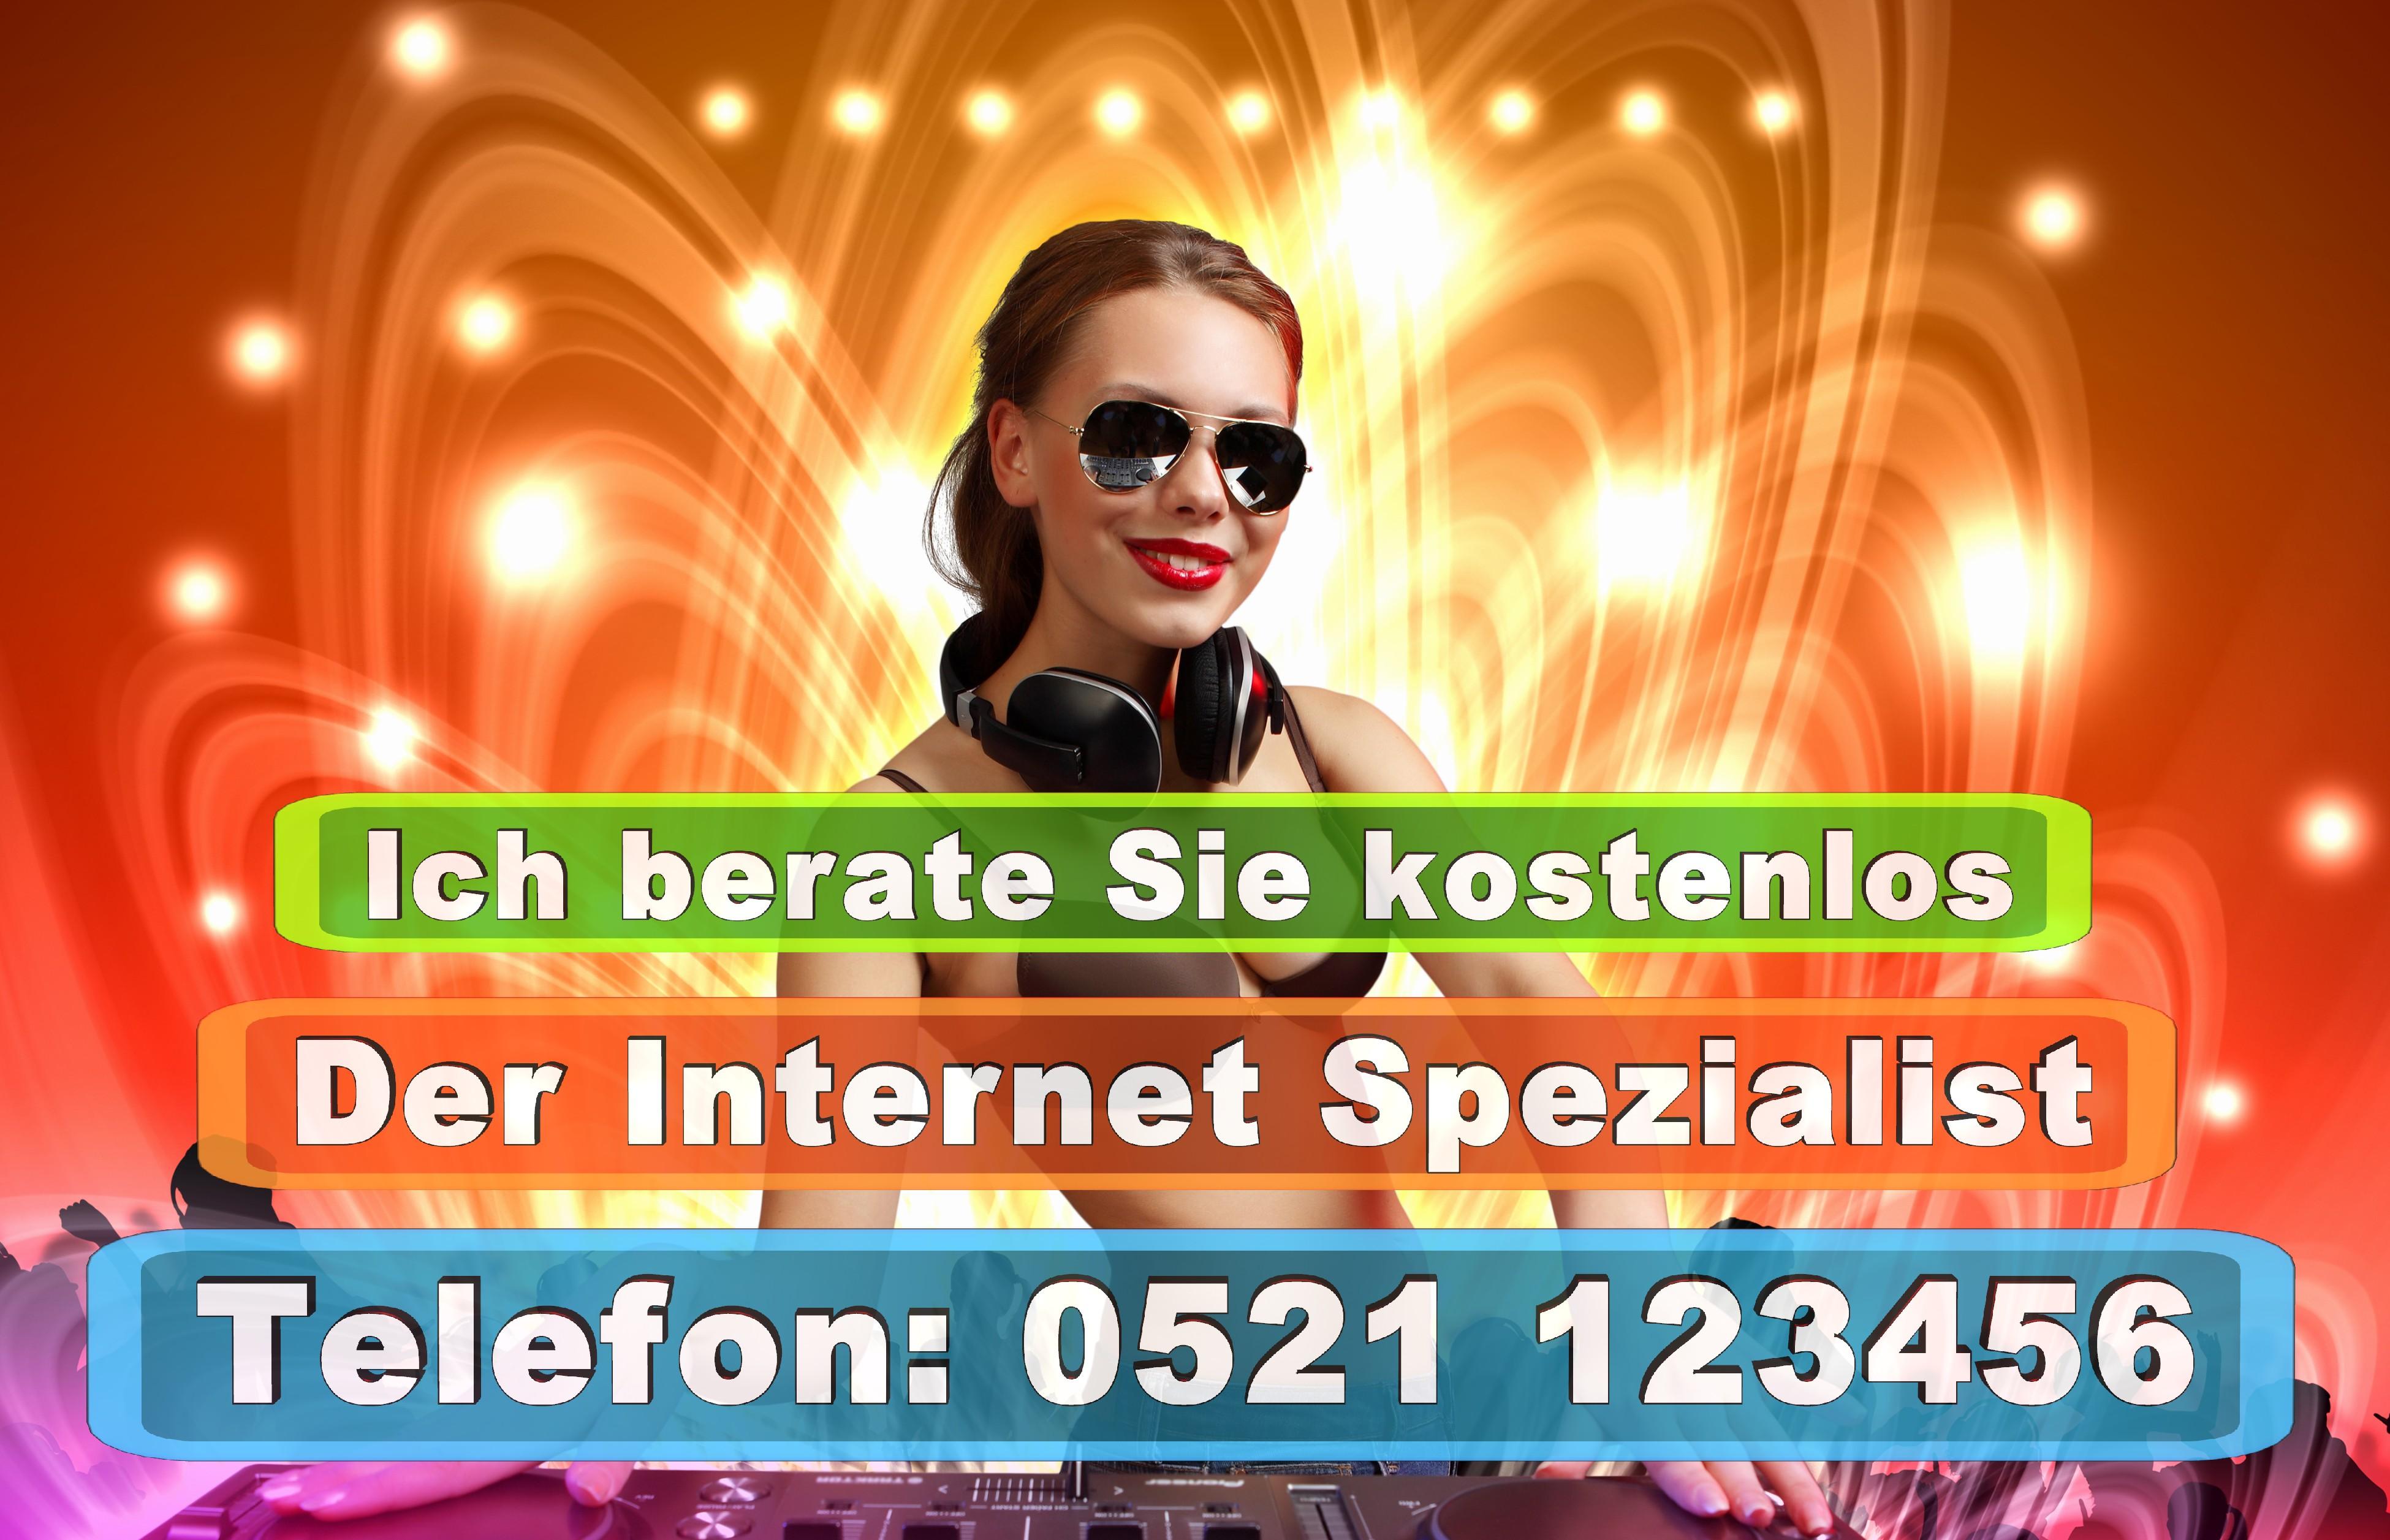 Kopie Von Bielefeld Highlights Musik Veranstaltungen Open Air Campus Festival Bielefeld (8)